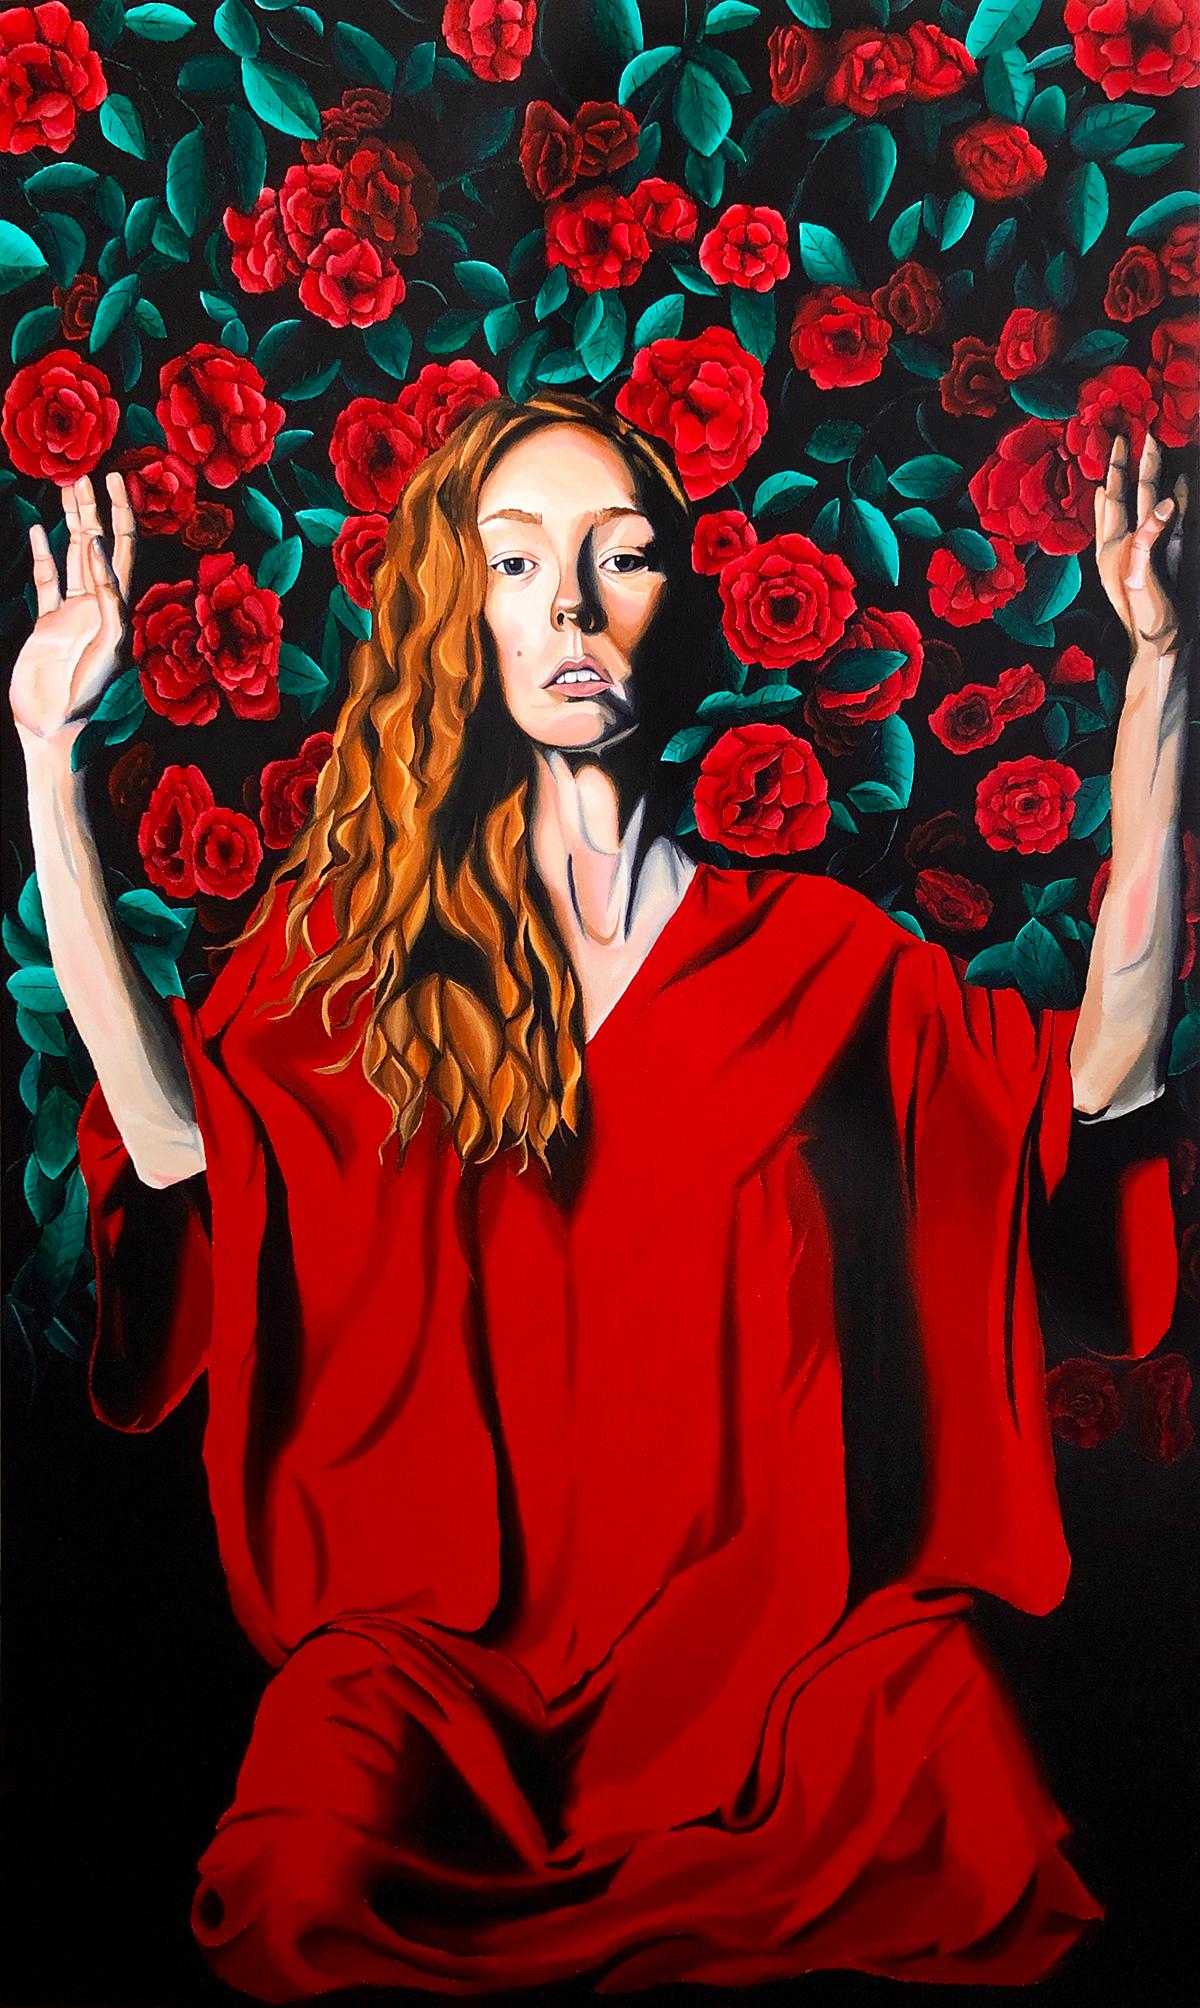 Adele in Roses